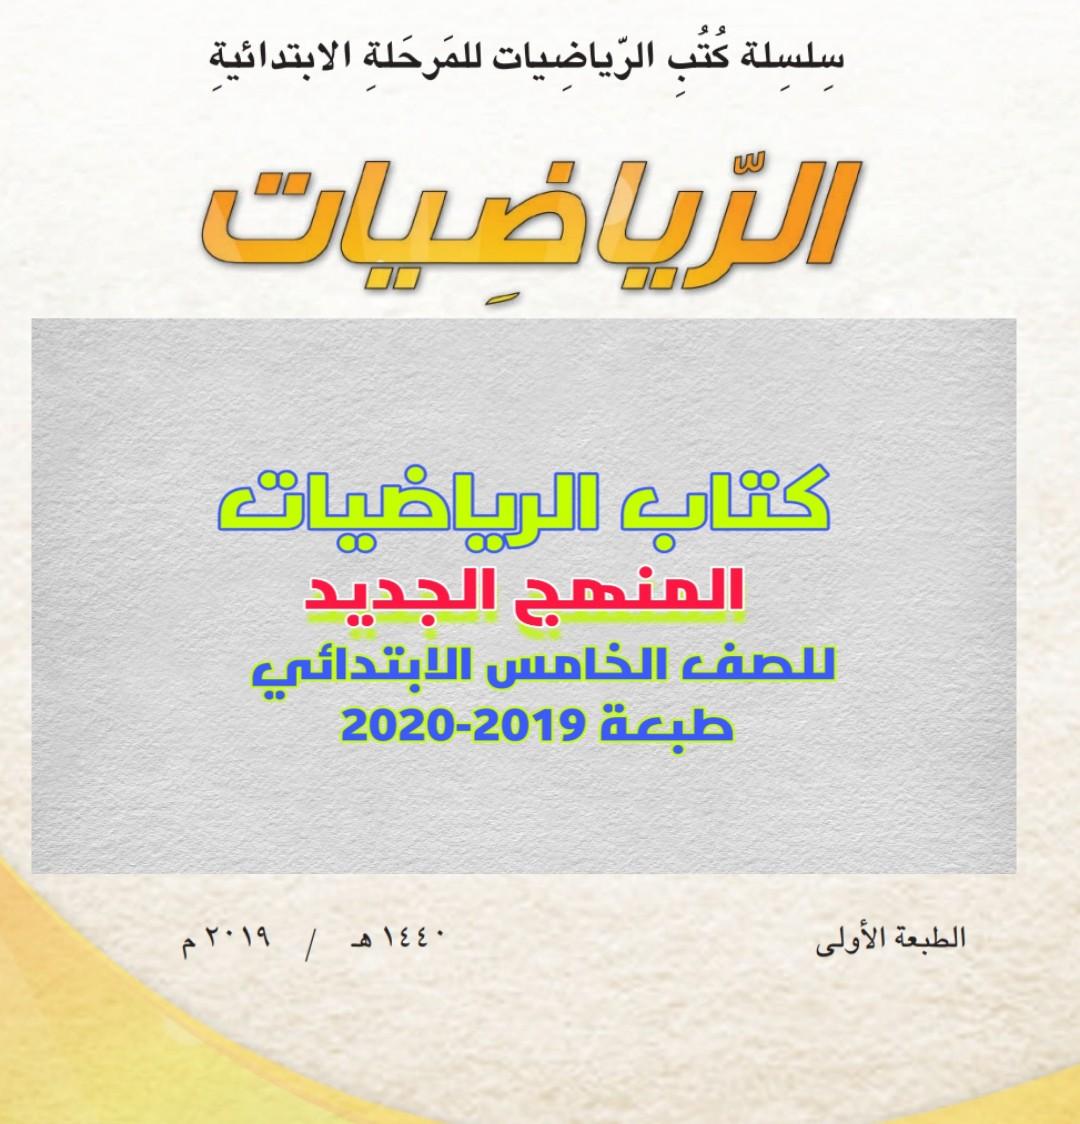 كتاب الرياضيات الجديد لطلبة الخامس الابتدائي 2019 2020 للتحميل Pdf